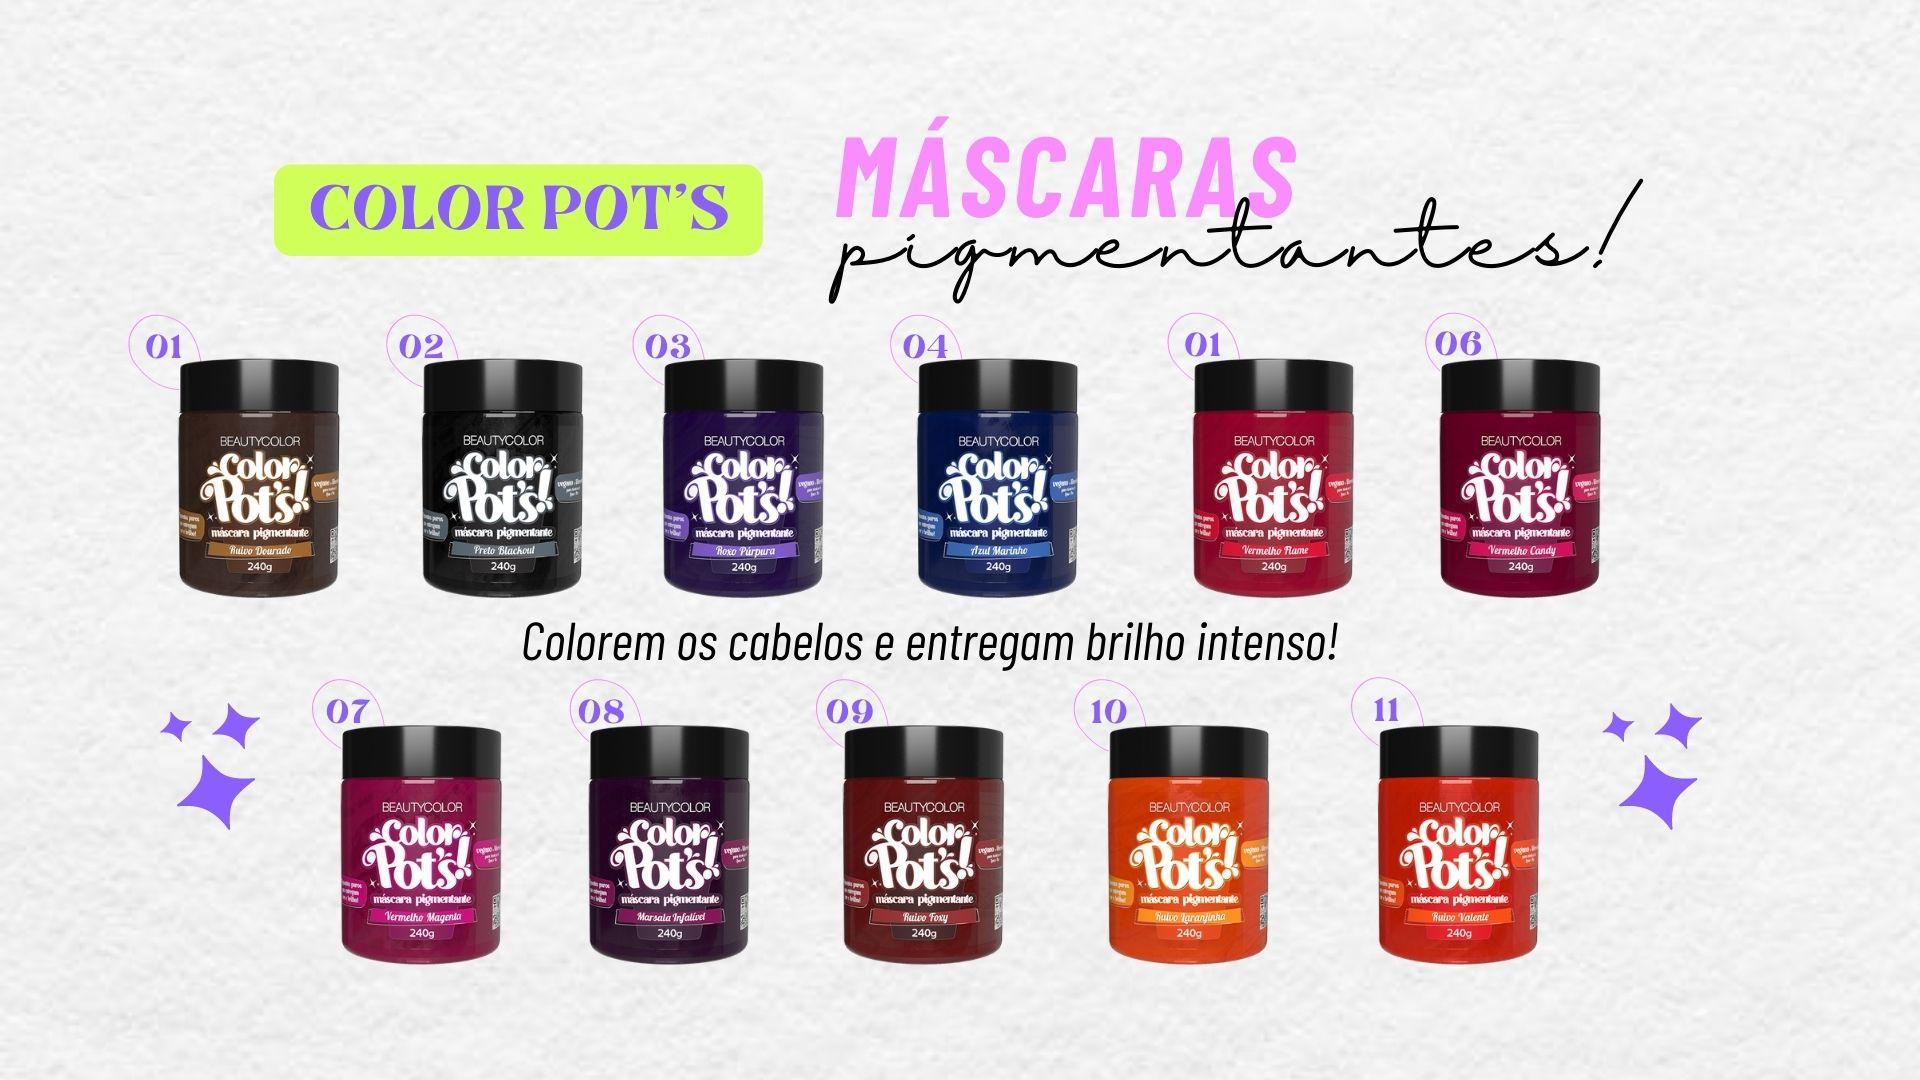 mascaras pigmentantes solor pot's Beautycolor